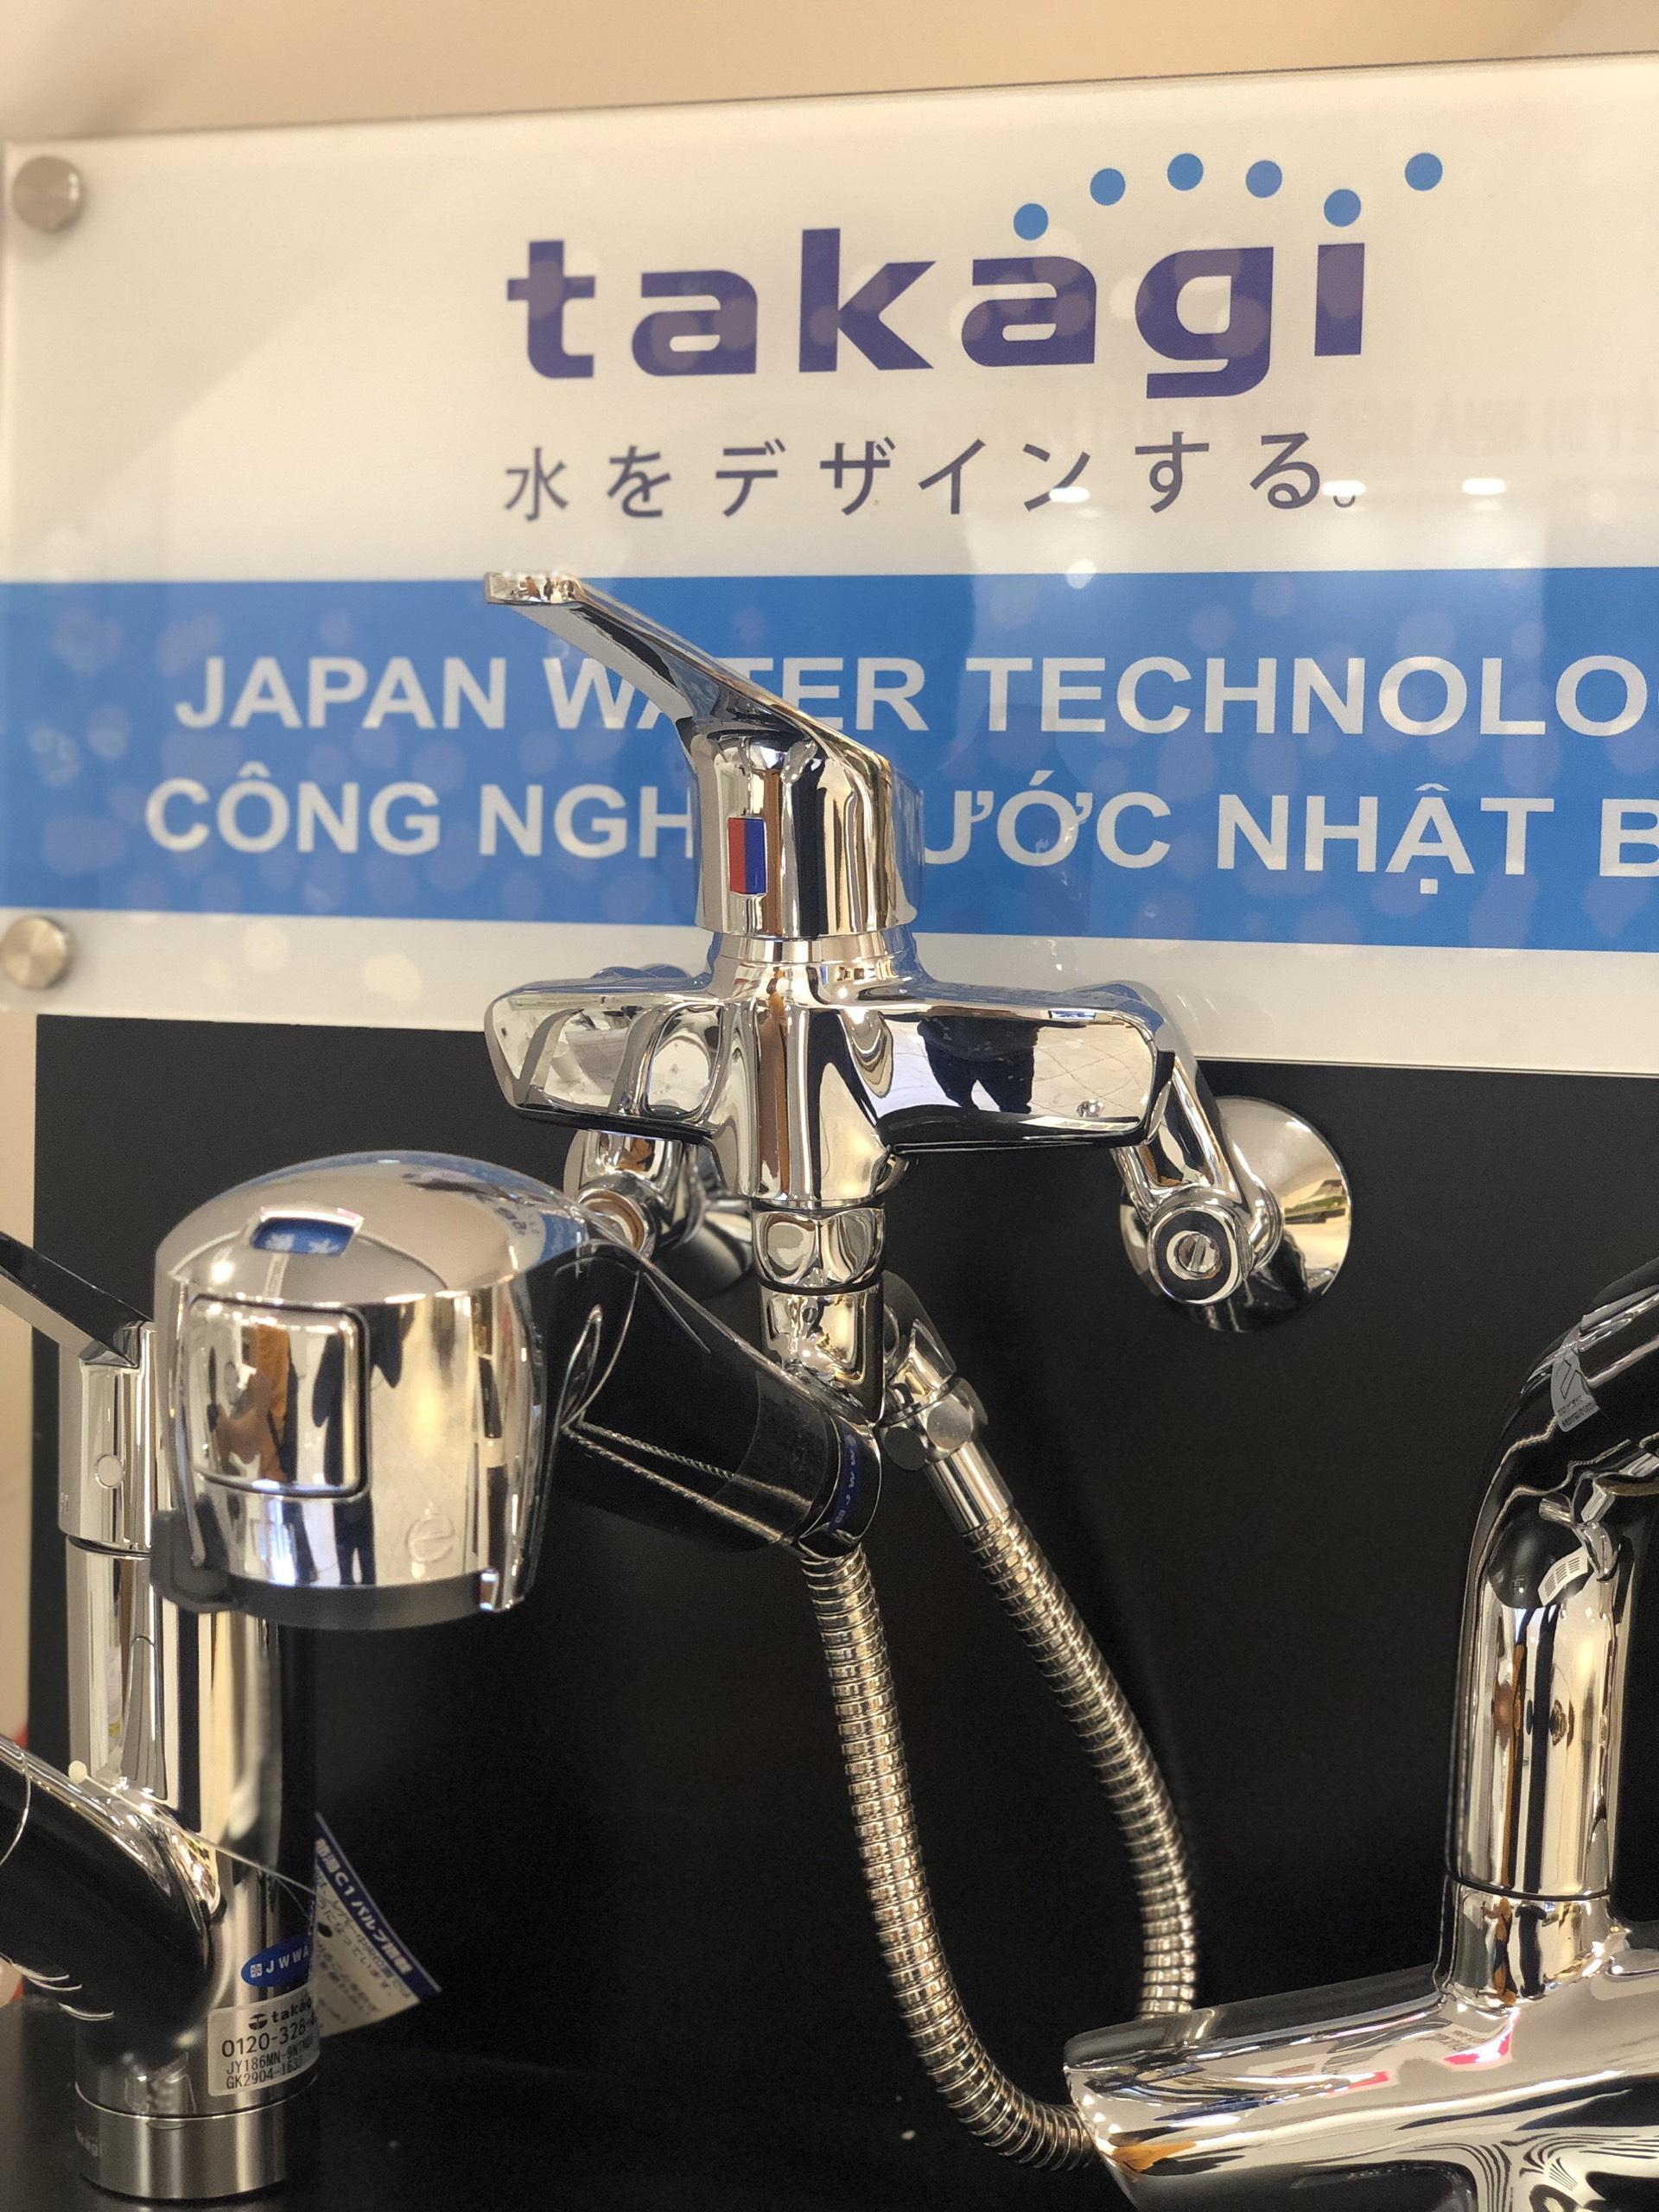 Vòi lọc nước Takagi với thiết kế mới mẻ